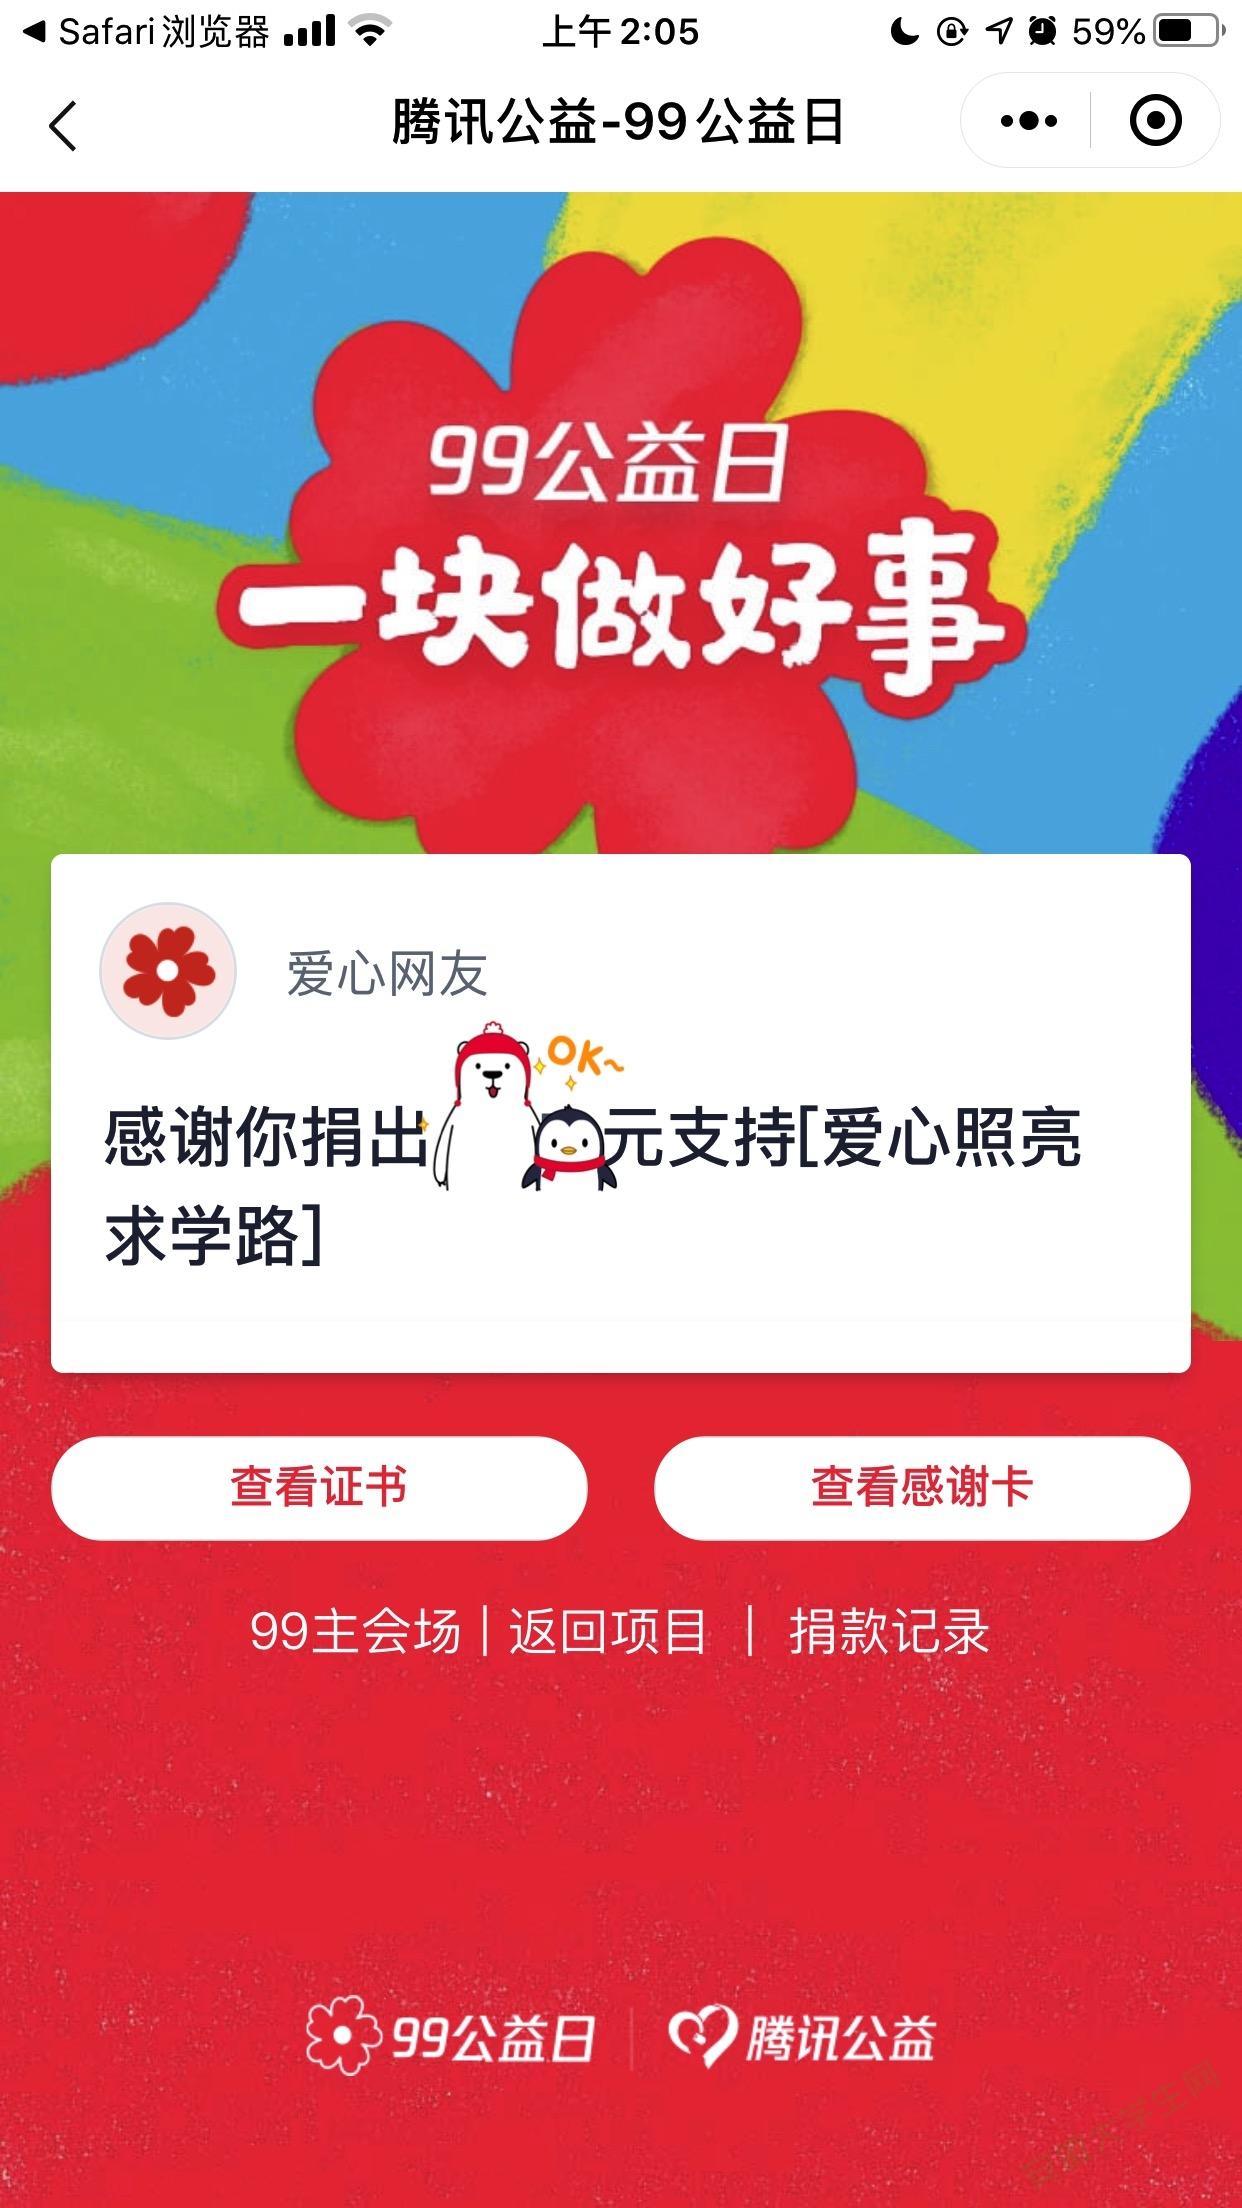 """合肥啟動""""愛心照亮求學路""""活動 參與""""99公益日""""讓愛翻倍!"""